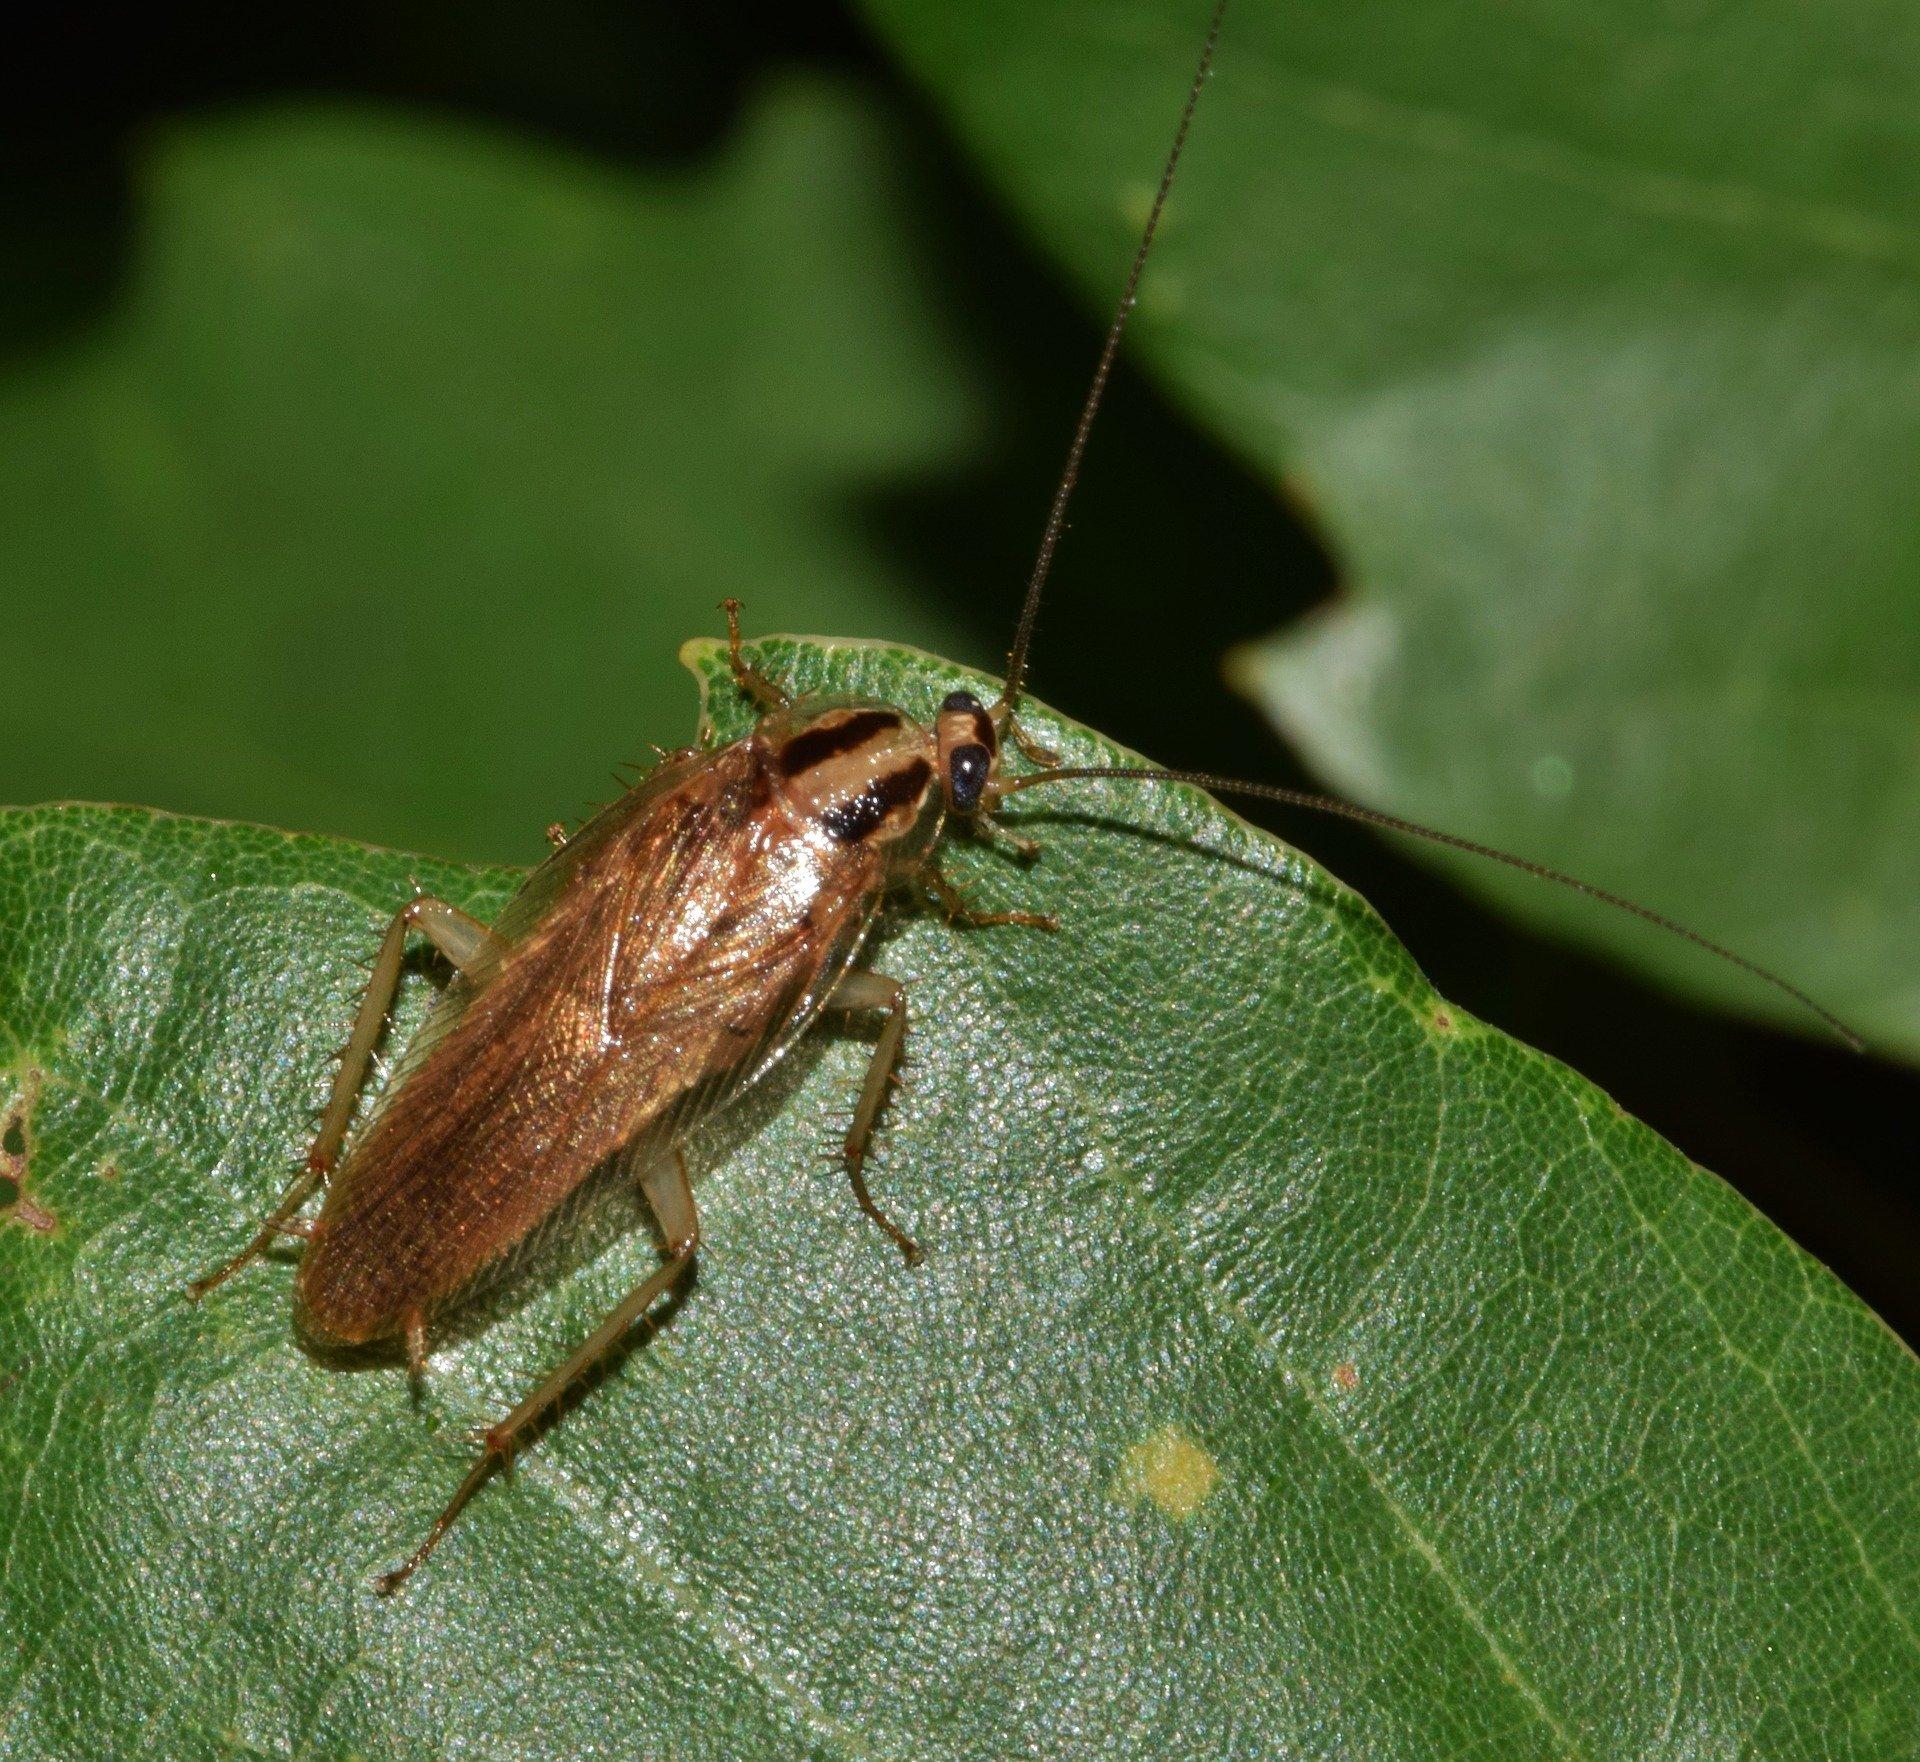 شركة مكافحة حشرات زاحفة في أبو ظبي